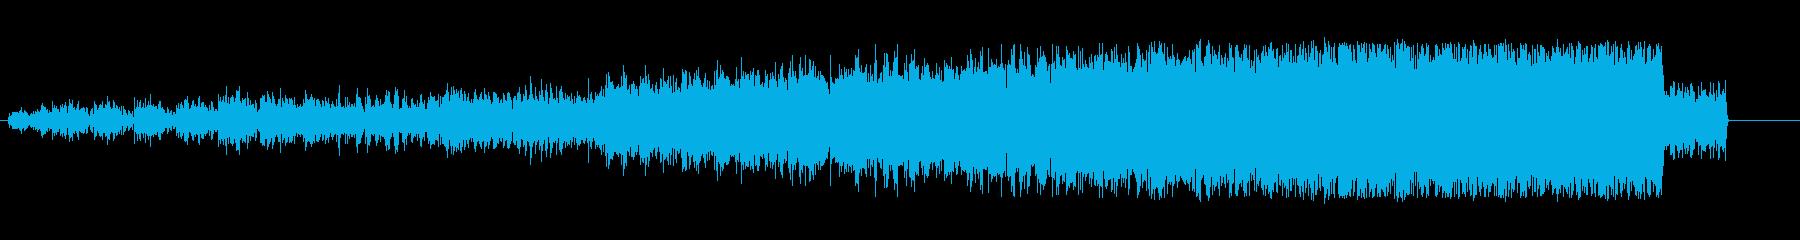 上昇 テープマシンノイズスピンアップ05の再生済みの波形